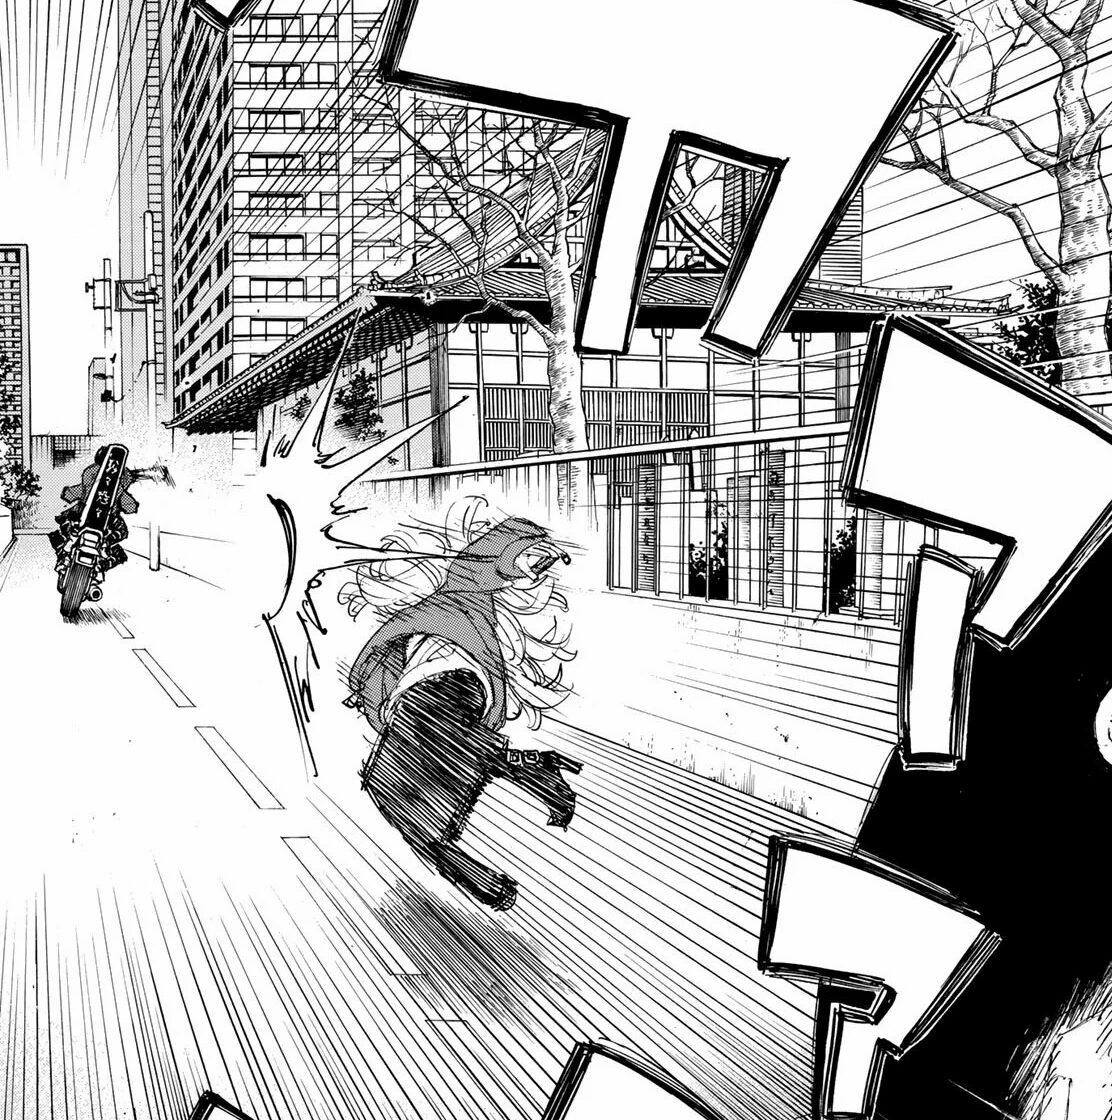 エマは復活する?東京卍リベンジャーズで死んだ佐野エマが生き返る唯一の方法とは!